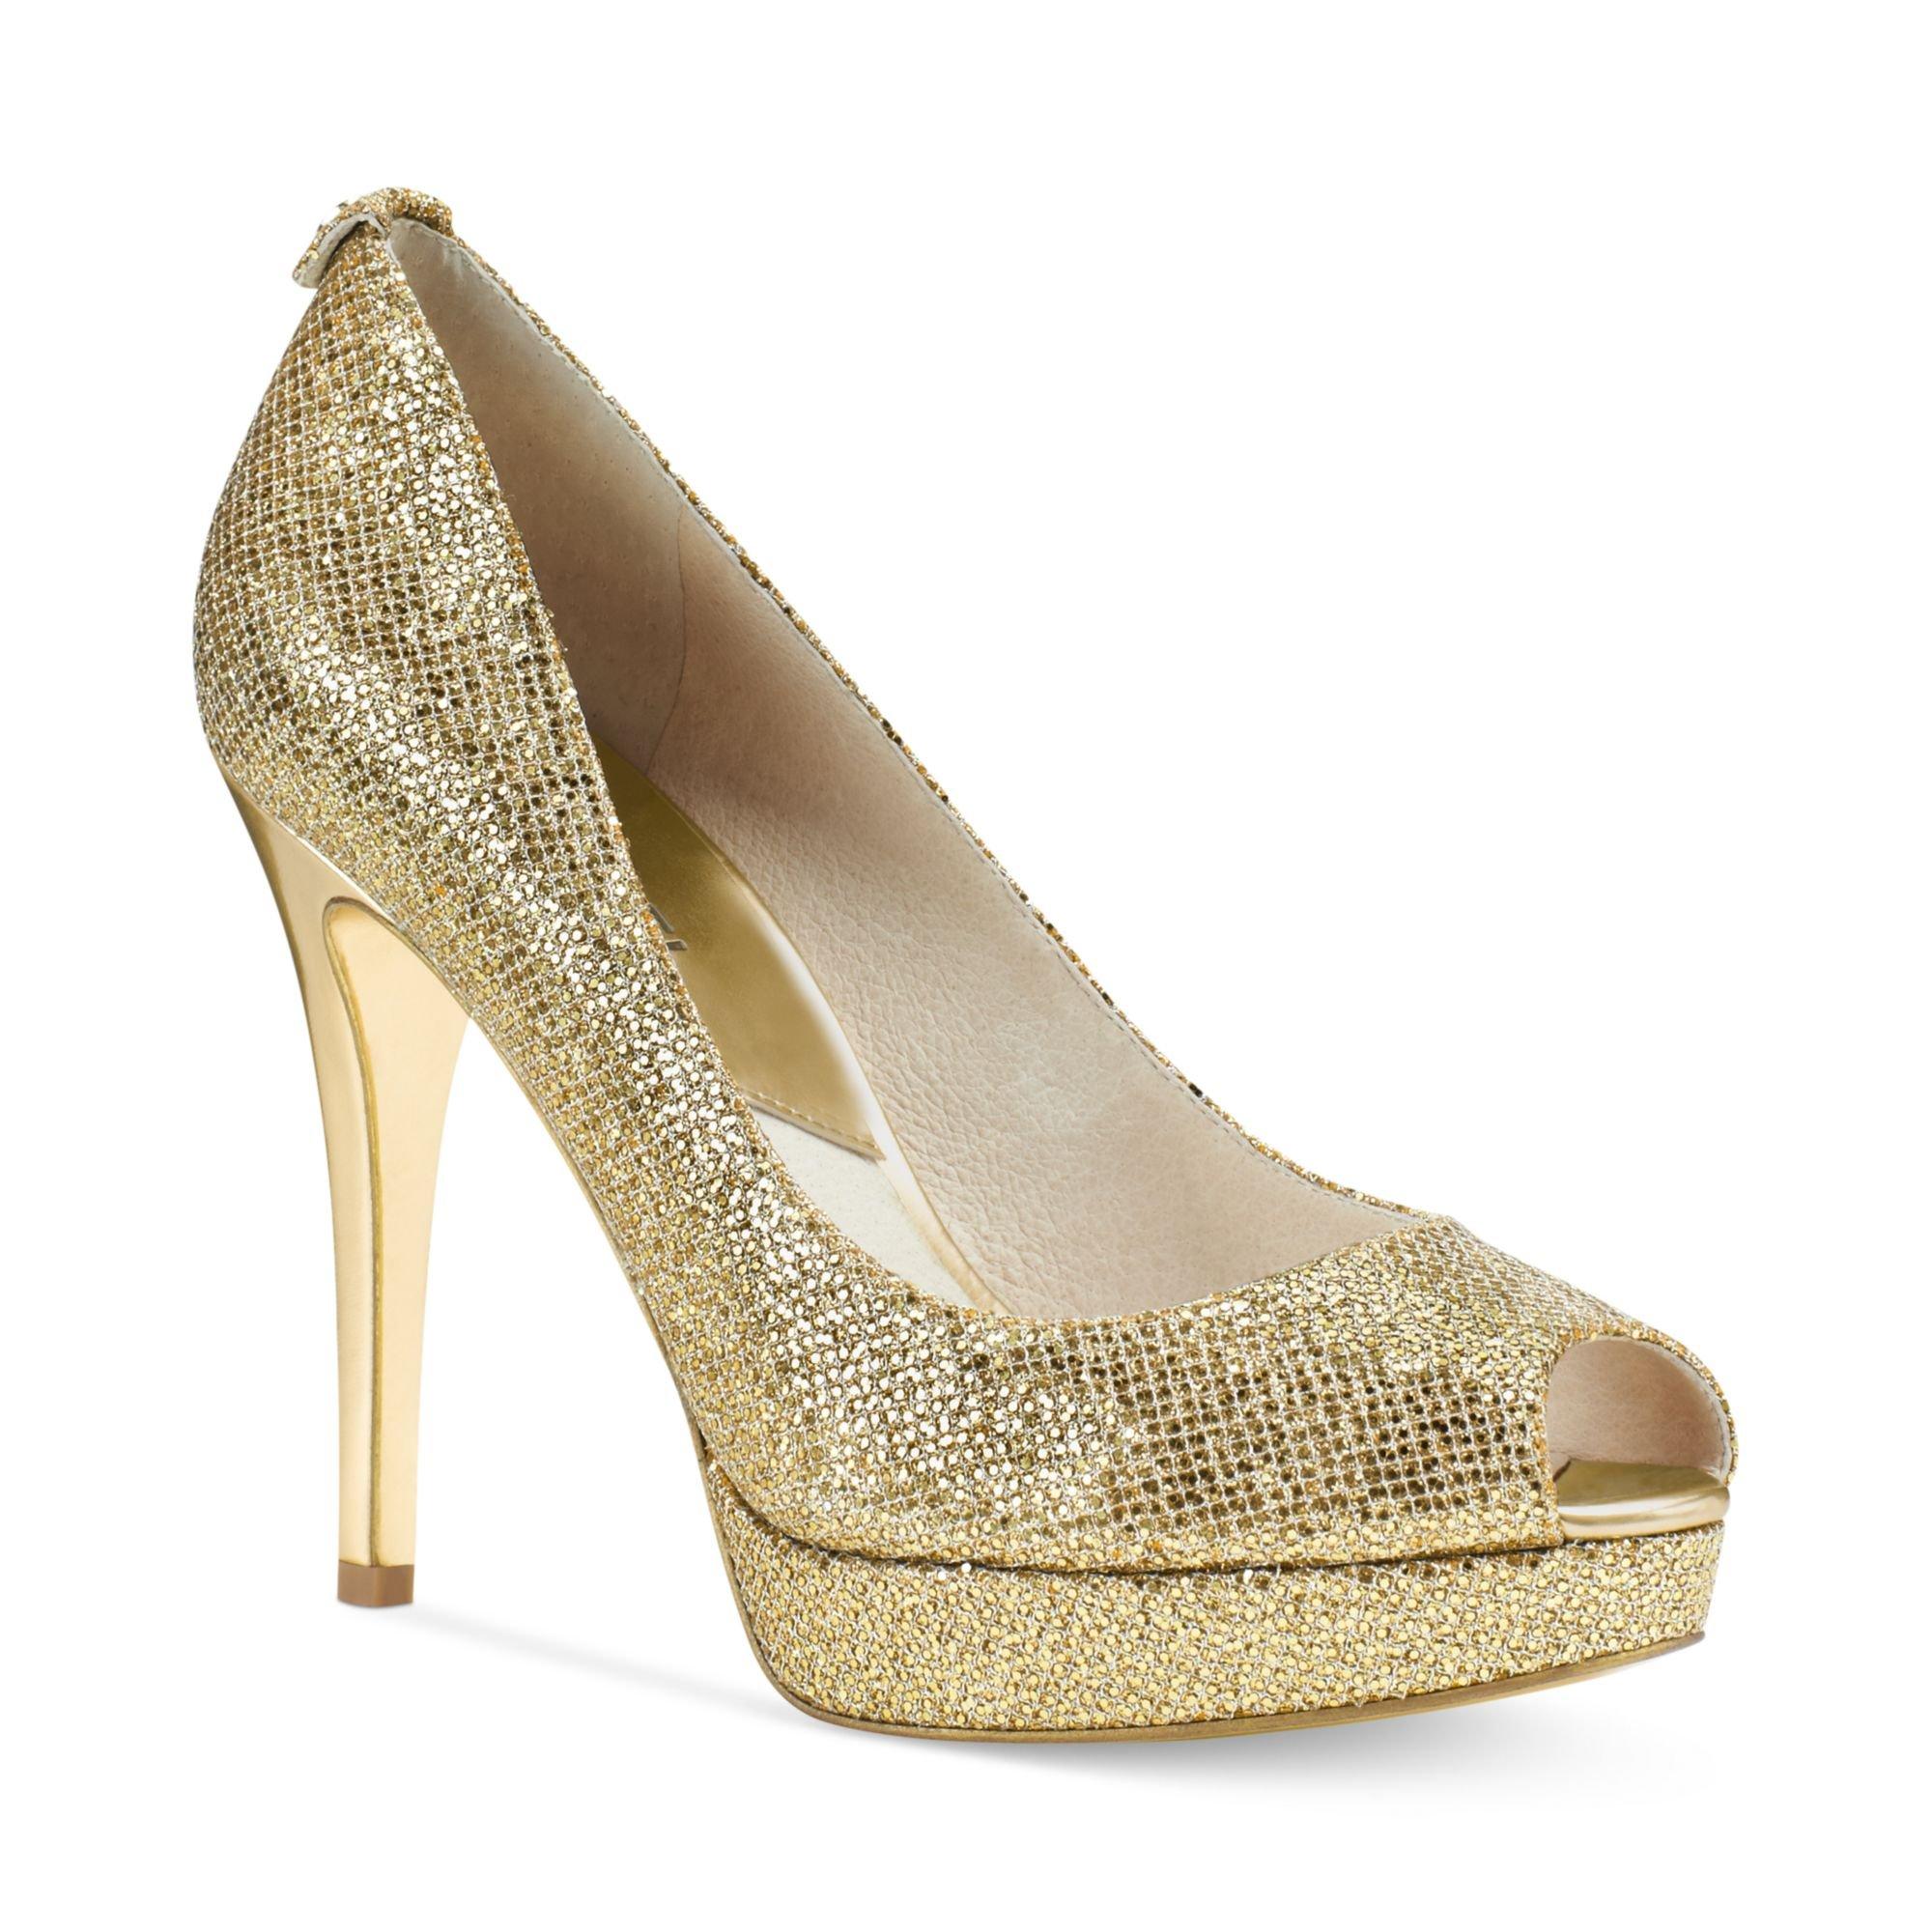 michael kors michael york platform pumps in gold gold glitter lyst. Black Bedroom Furniture Sets. Home Design Ideas